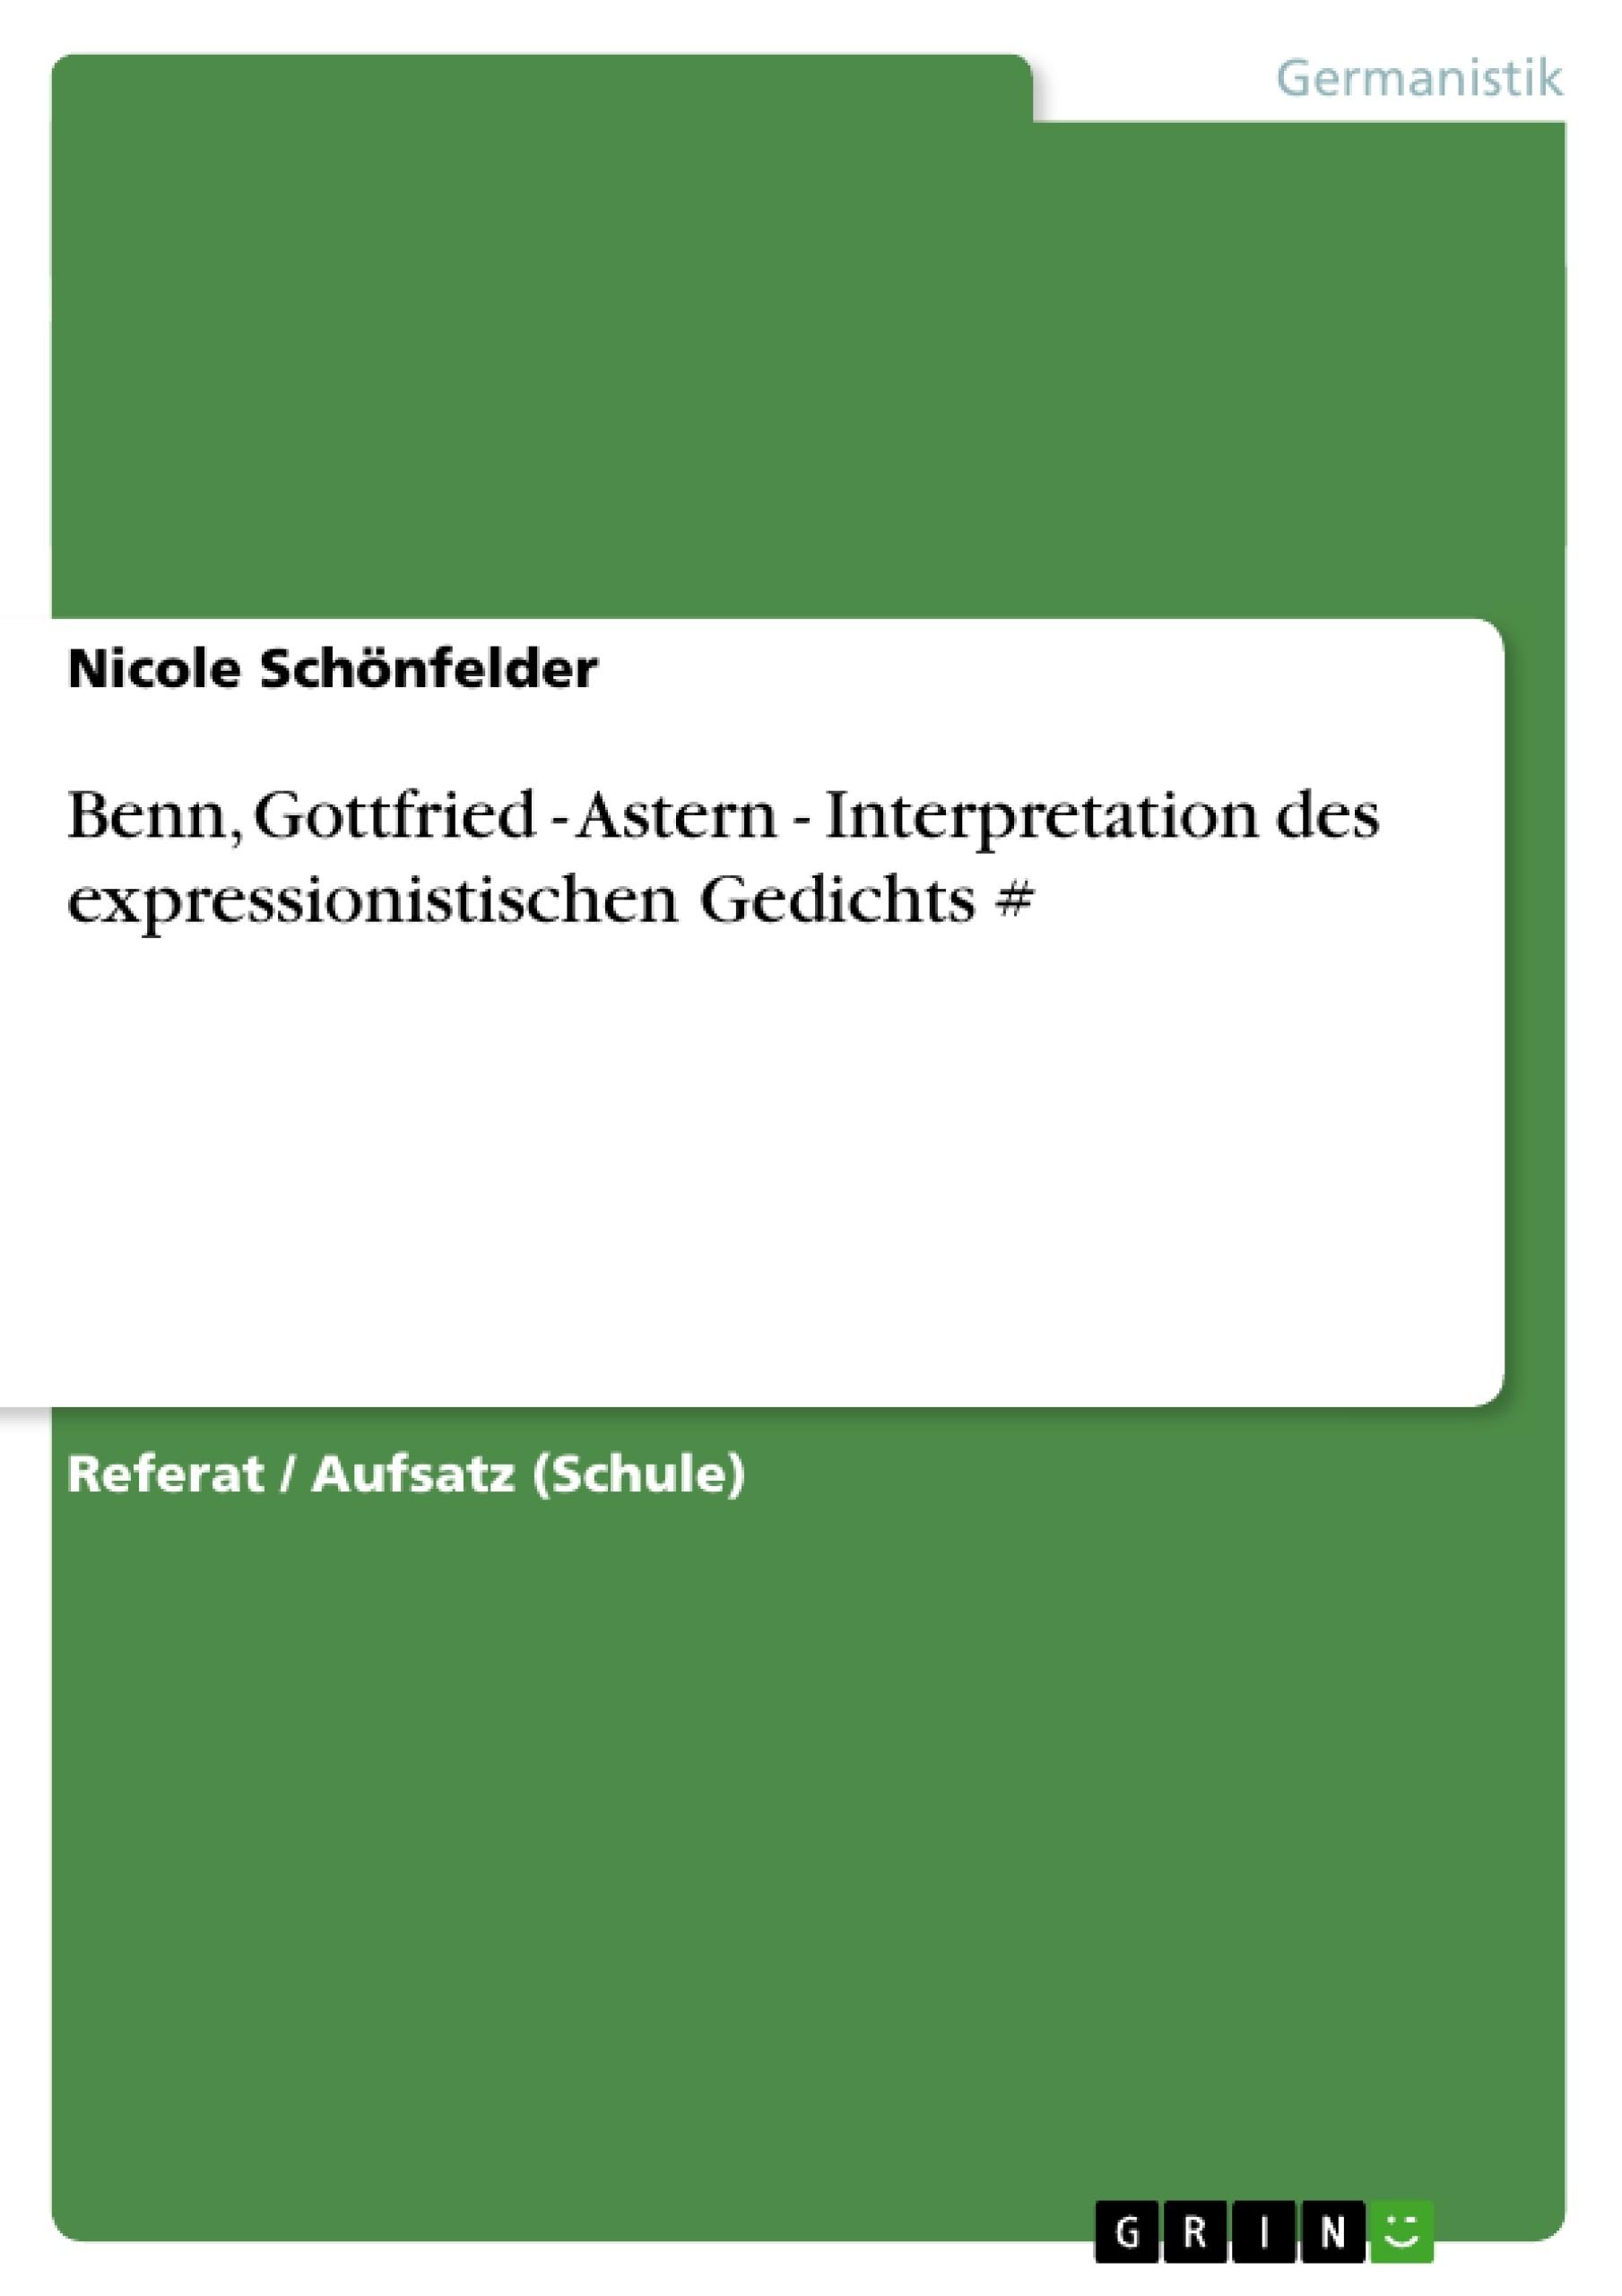 Titel: Benn, Gottfried - Astern - Interpretation des expressionistischen Gedichts  #